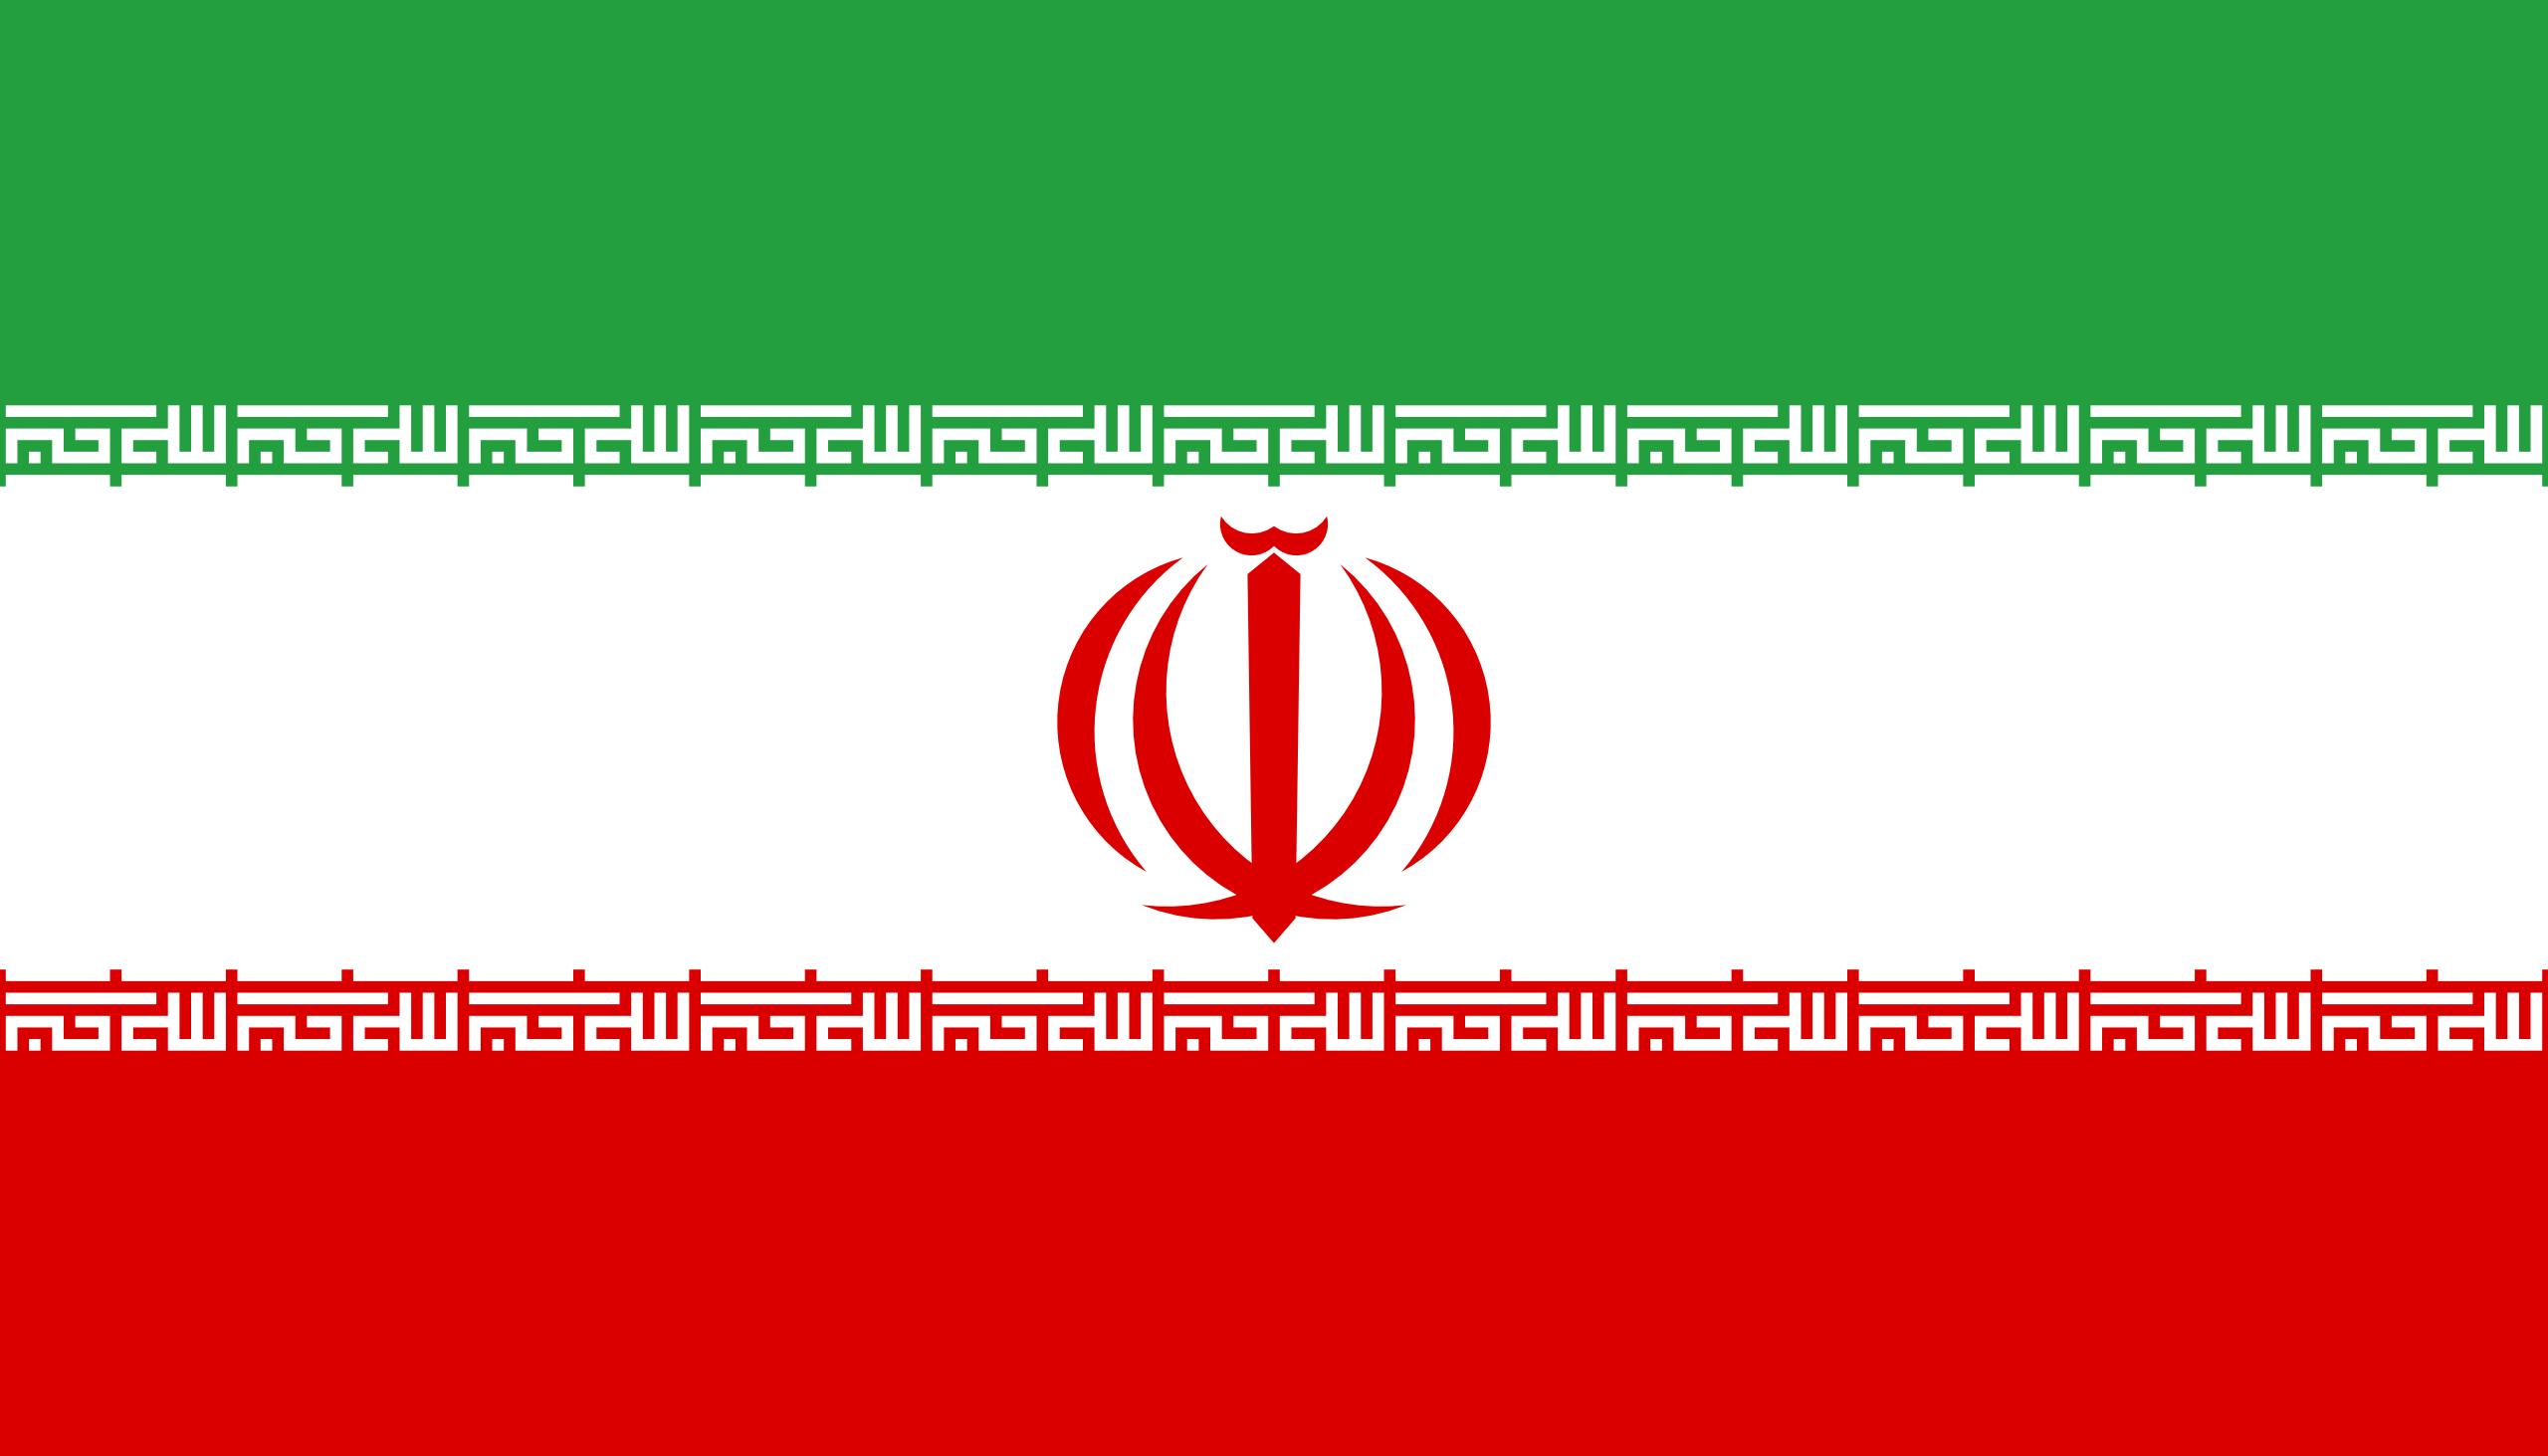 Iran, pays, emblème, logo, symbole - Fonds d'écran HD - Professor-falken.com